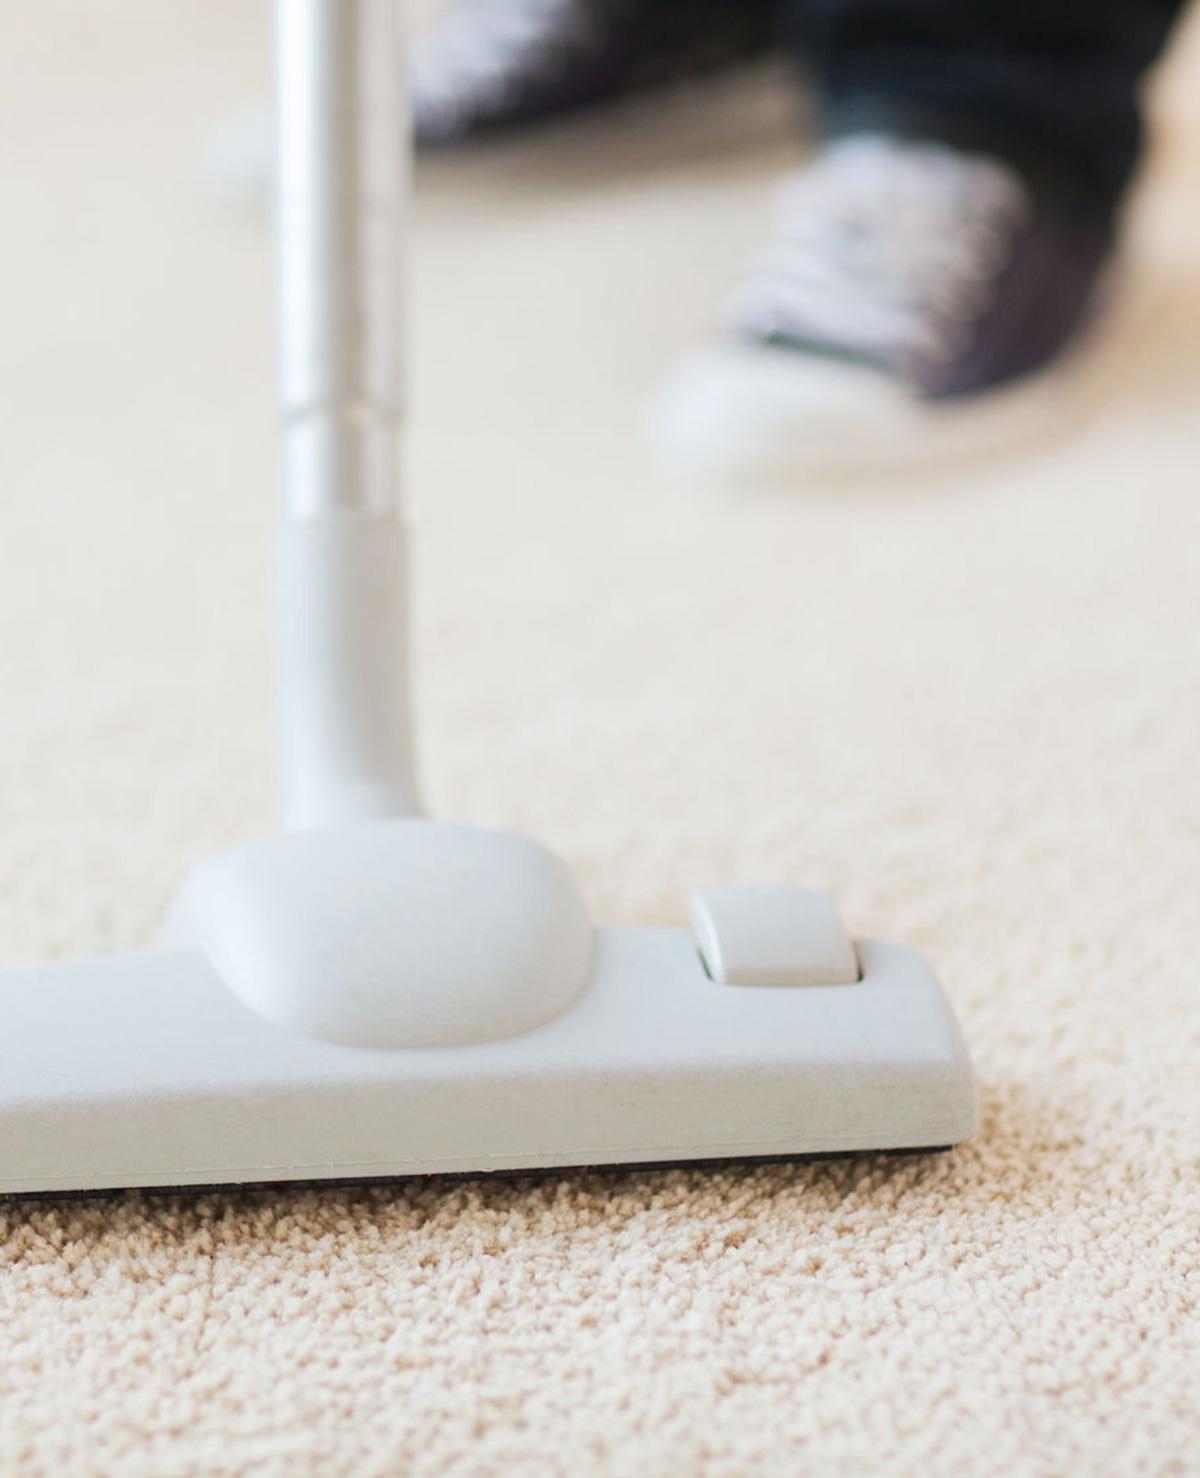 Op welke plekken vergeet jij te stofzuigen?